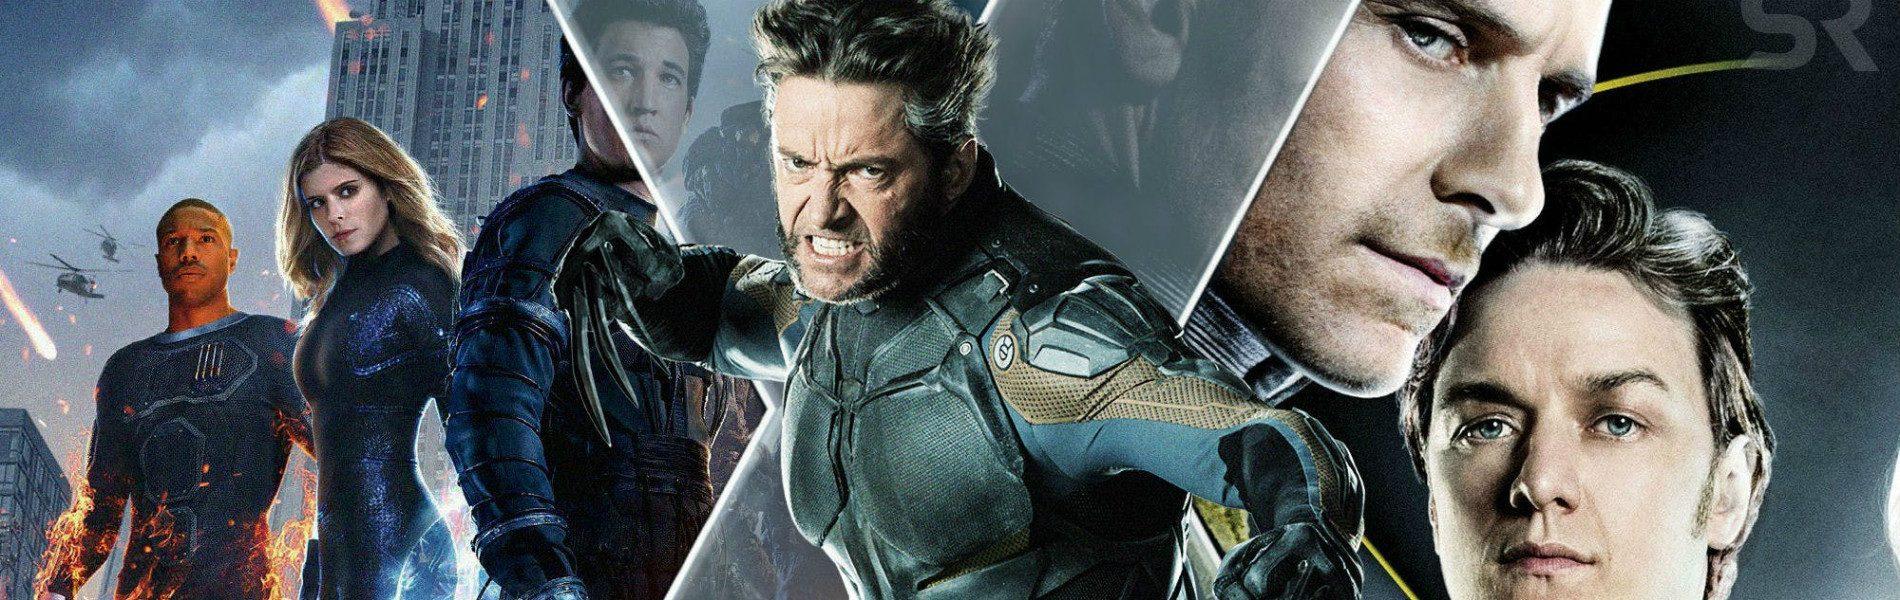 Kevin Feige belengette az X-Men és a Fantasztikus Négyes csatlakozását az MCU-hoz!